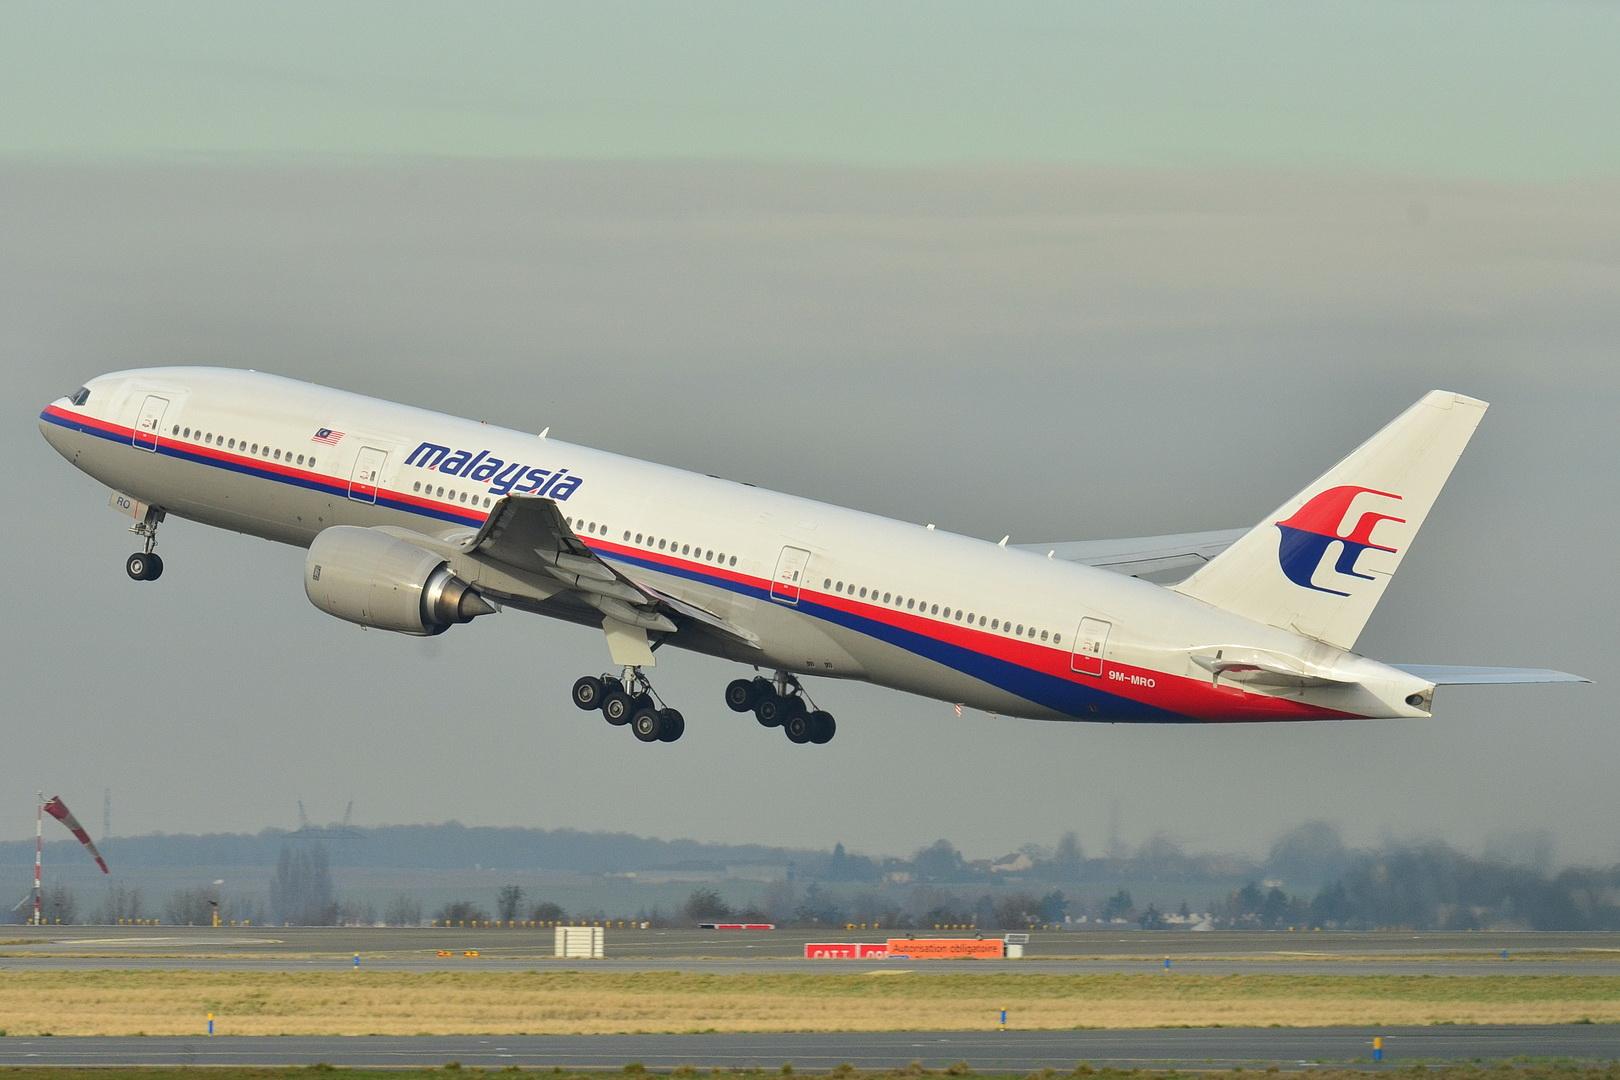 【スパイ】消えたマレーシア航空機を調査してたマレーシアの外交官が何者かに「暗殺」されていた模様